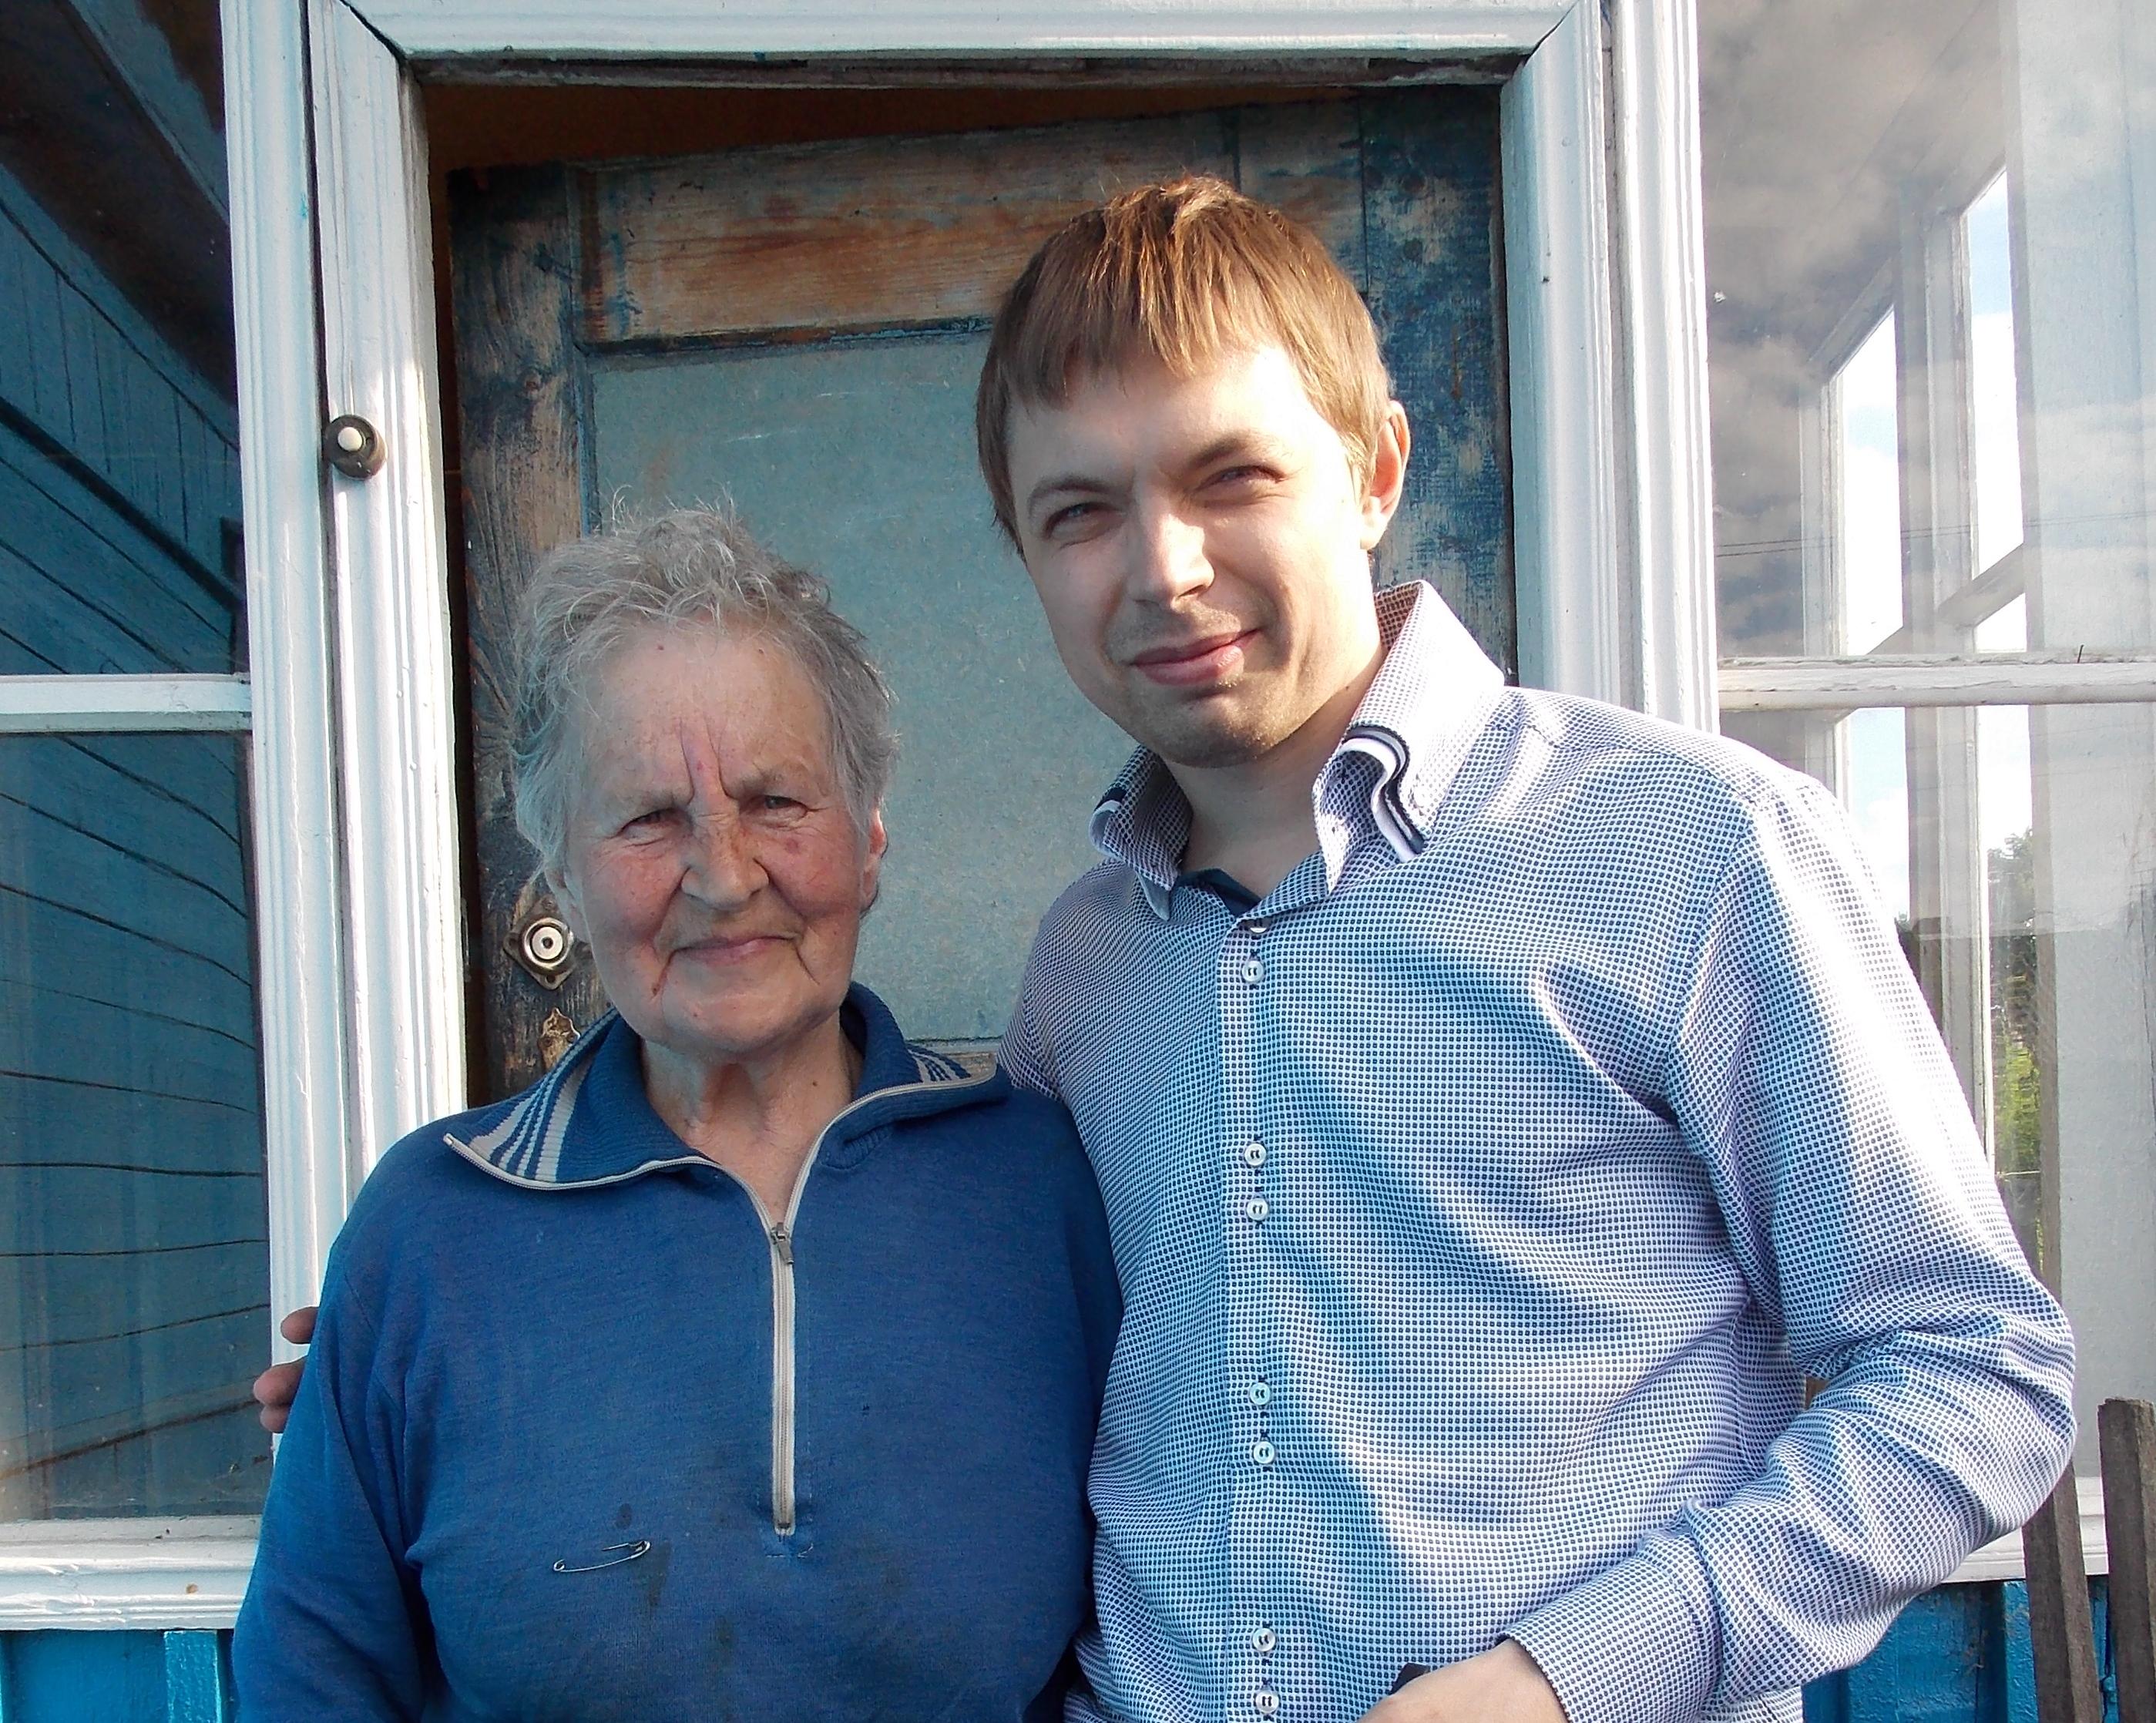 Анна Дмитриевна Корнеенкова и Андрей Иванов